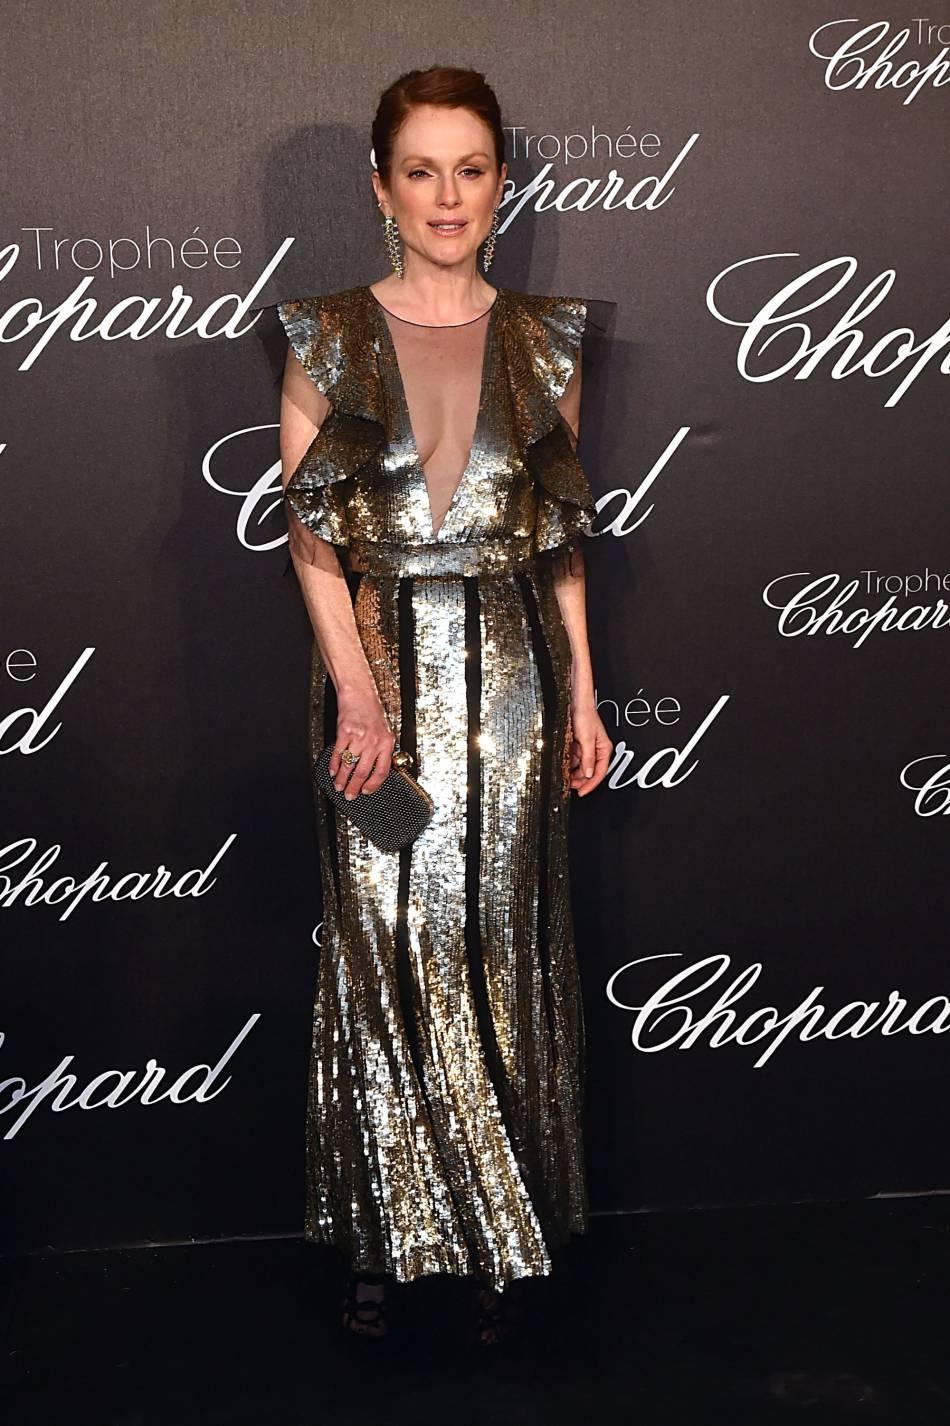 Lors de la soirée Chopard, Julianne Moore a misé sur la robe à sequins au décolleté XL.